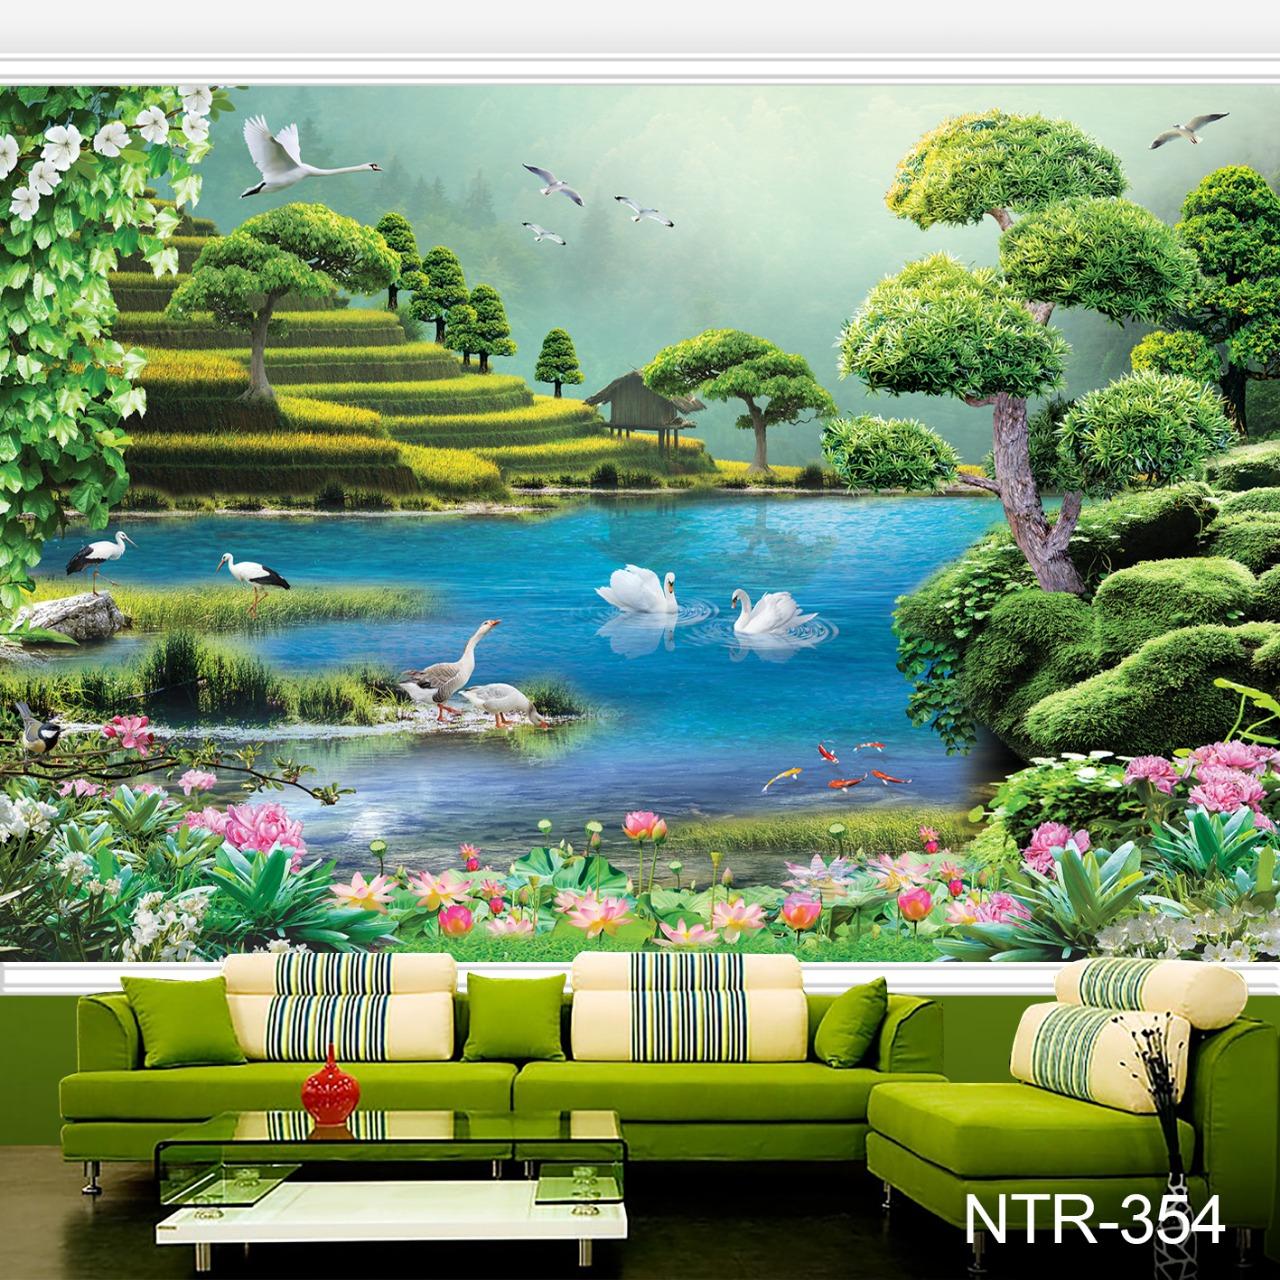 Beranda Toko Wallpaper Tangerang